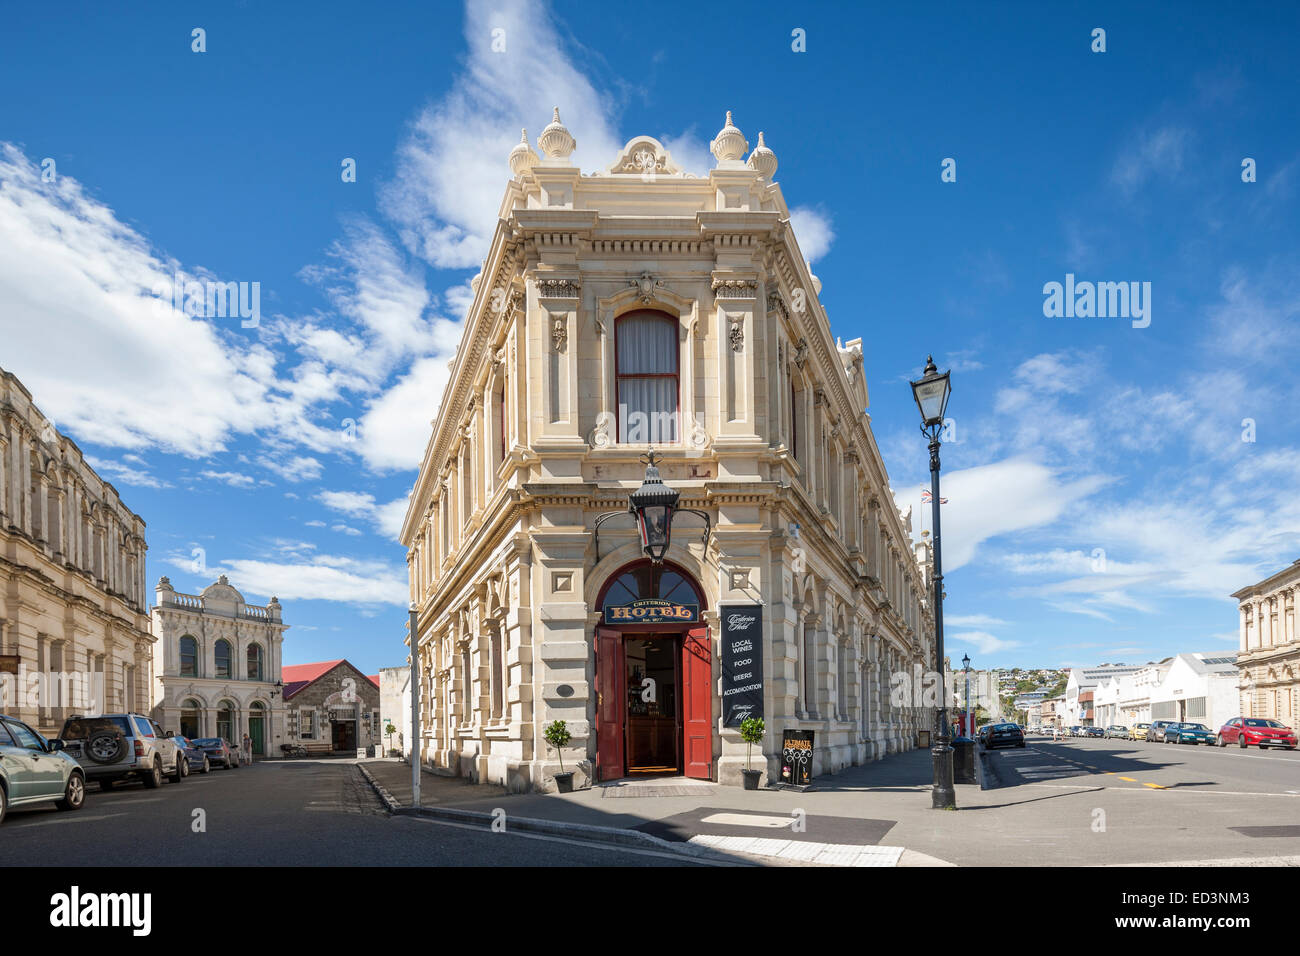 New Zealand Oamaru. Das Criterion Hotel und anderen alten viktorianischen Stil Gebäuden im historischen Hafen Stockbild